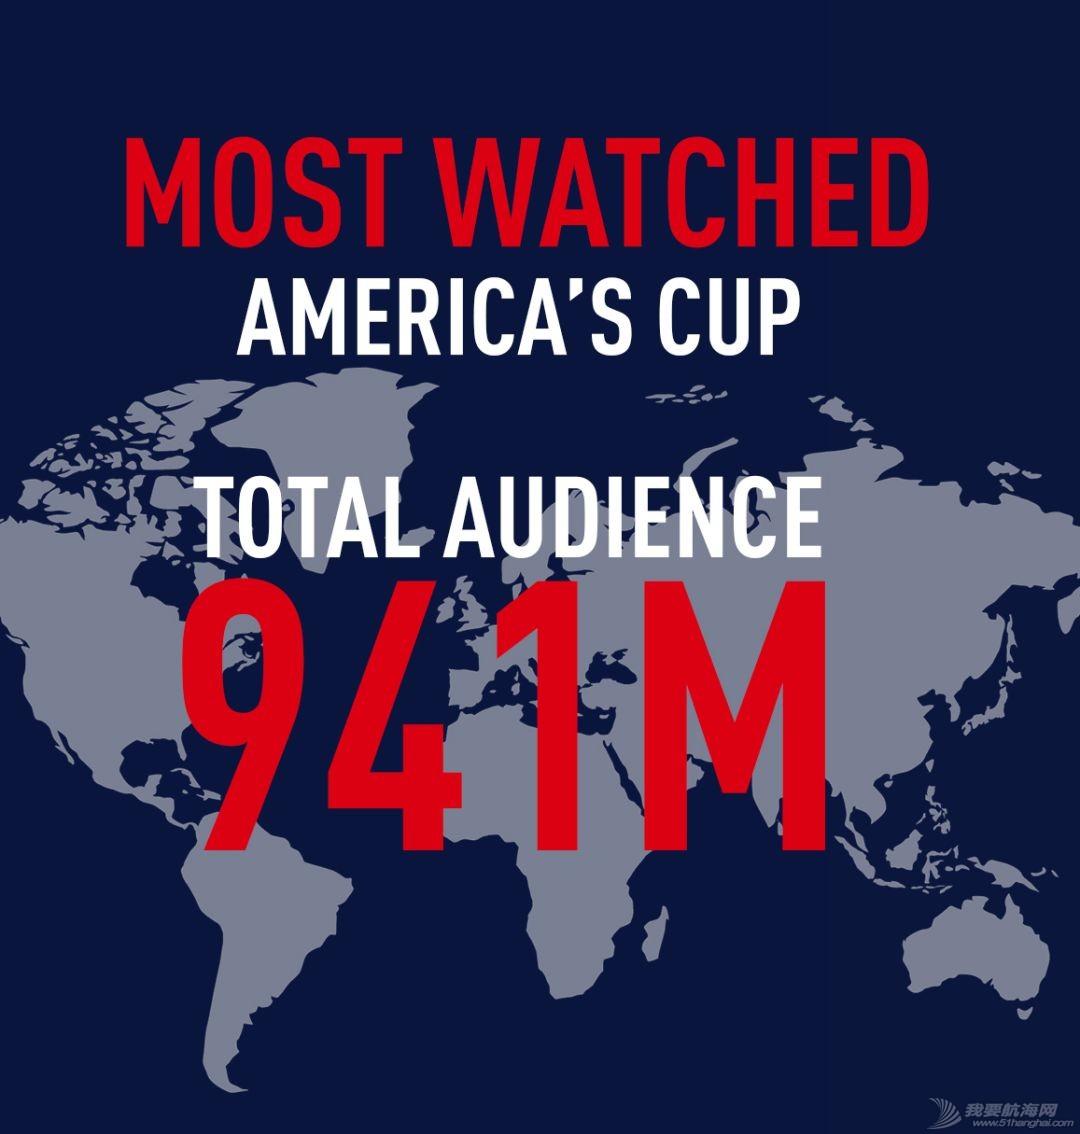 近10亿人次观看!美洲杯帆船赛这下真火了!w3.jpg